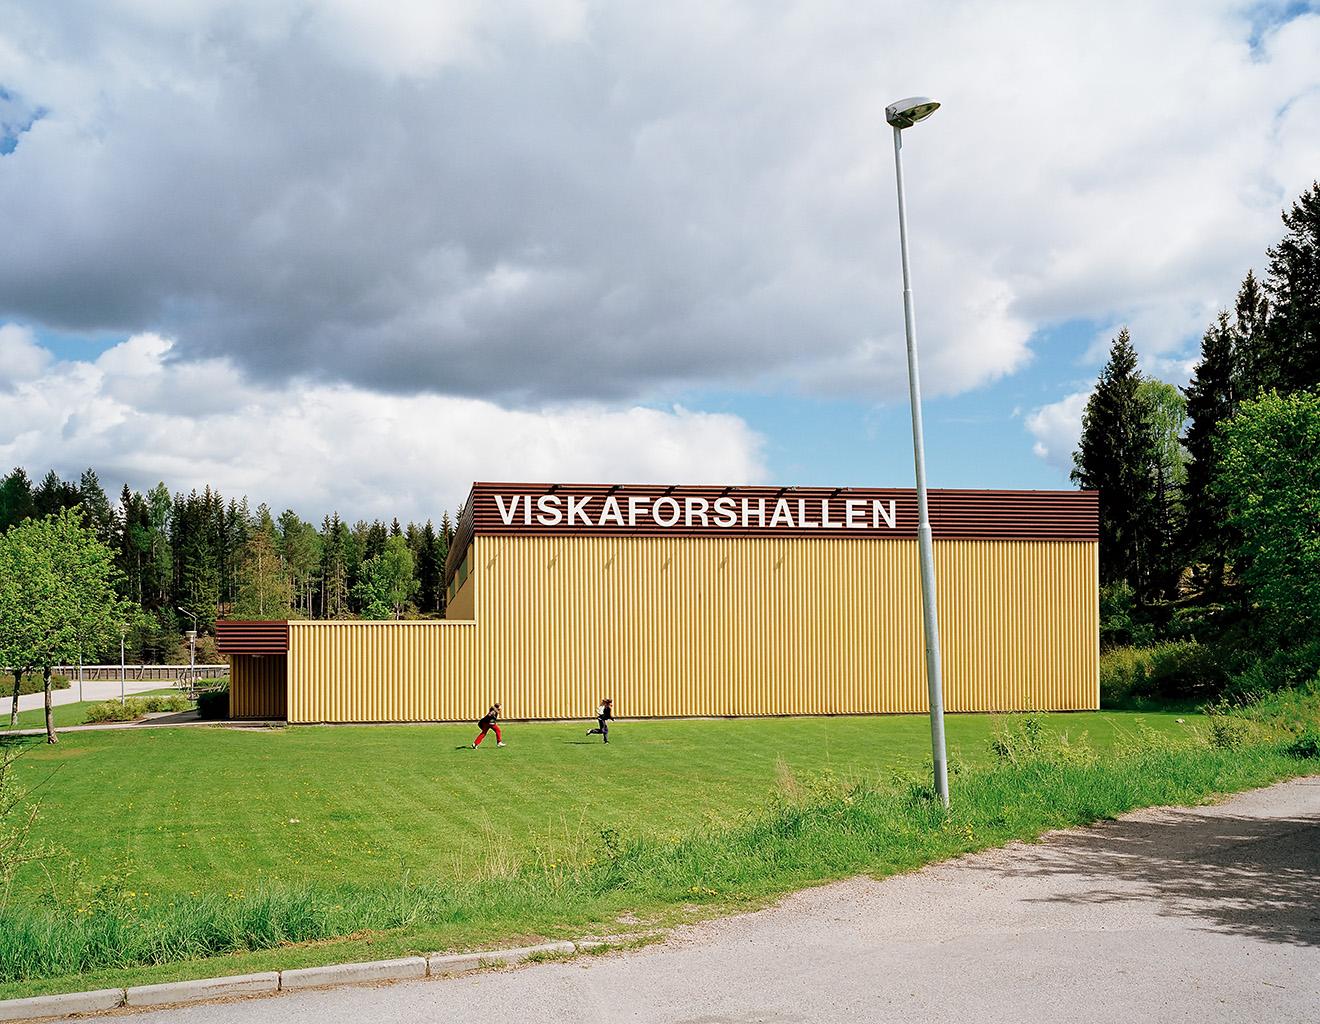 Viskafors, 1 June 2006